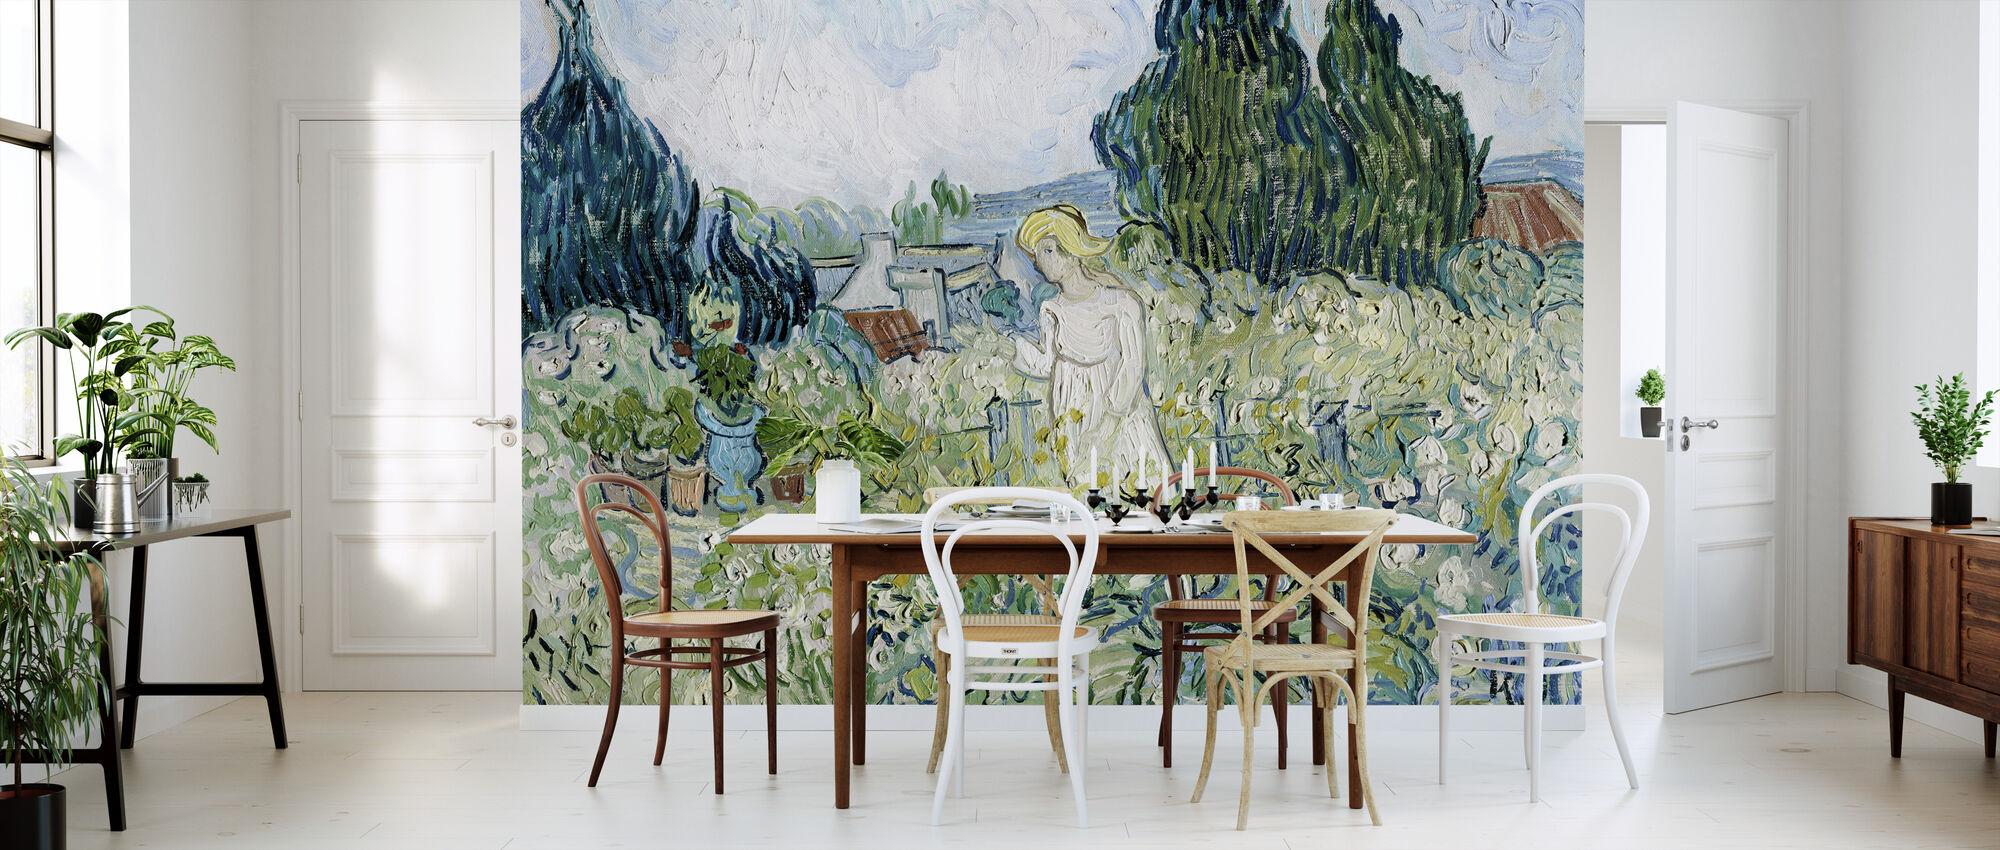 Marguerite Gachet i haven - Vincent van Gogh - Tapet - Køkken